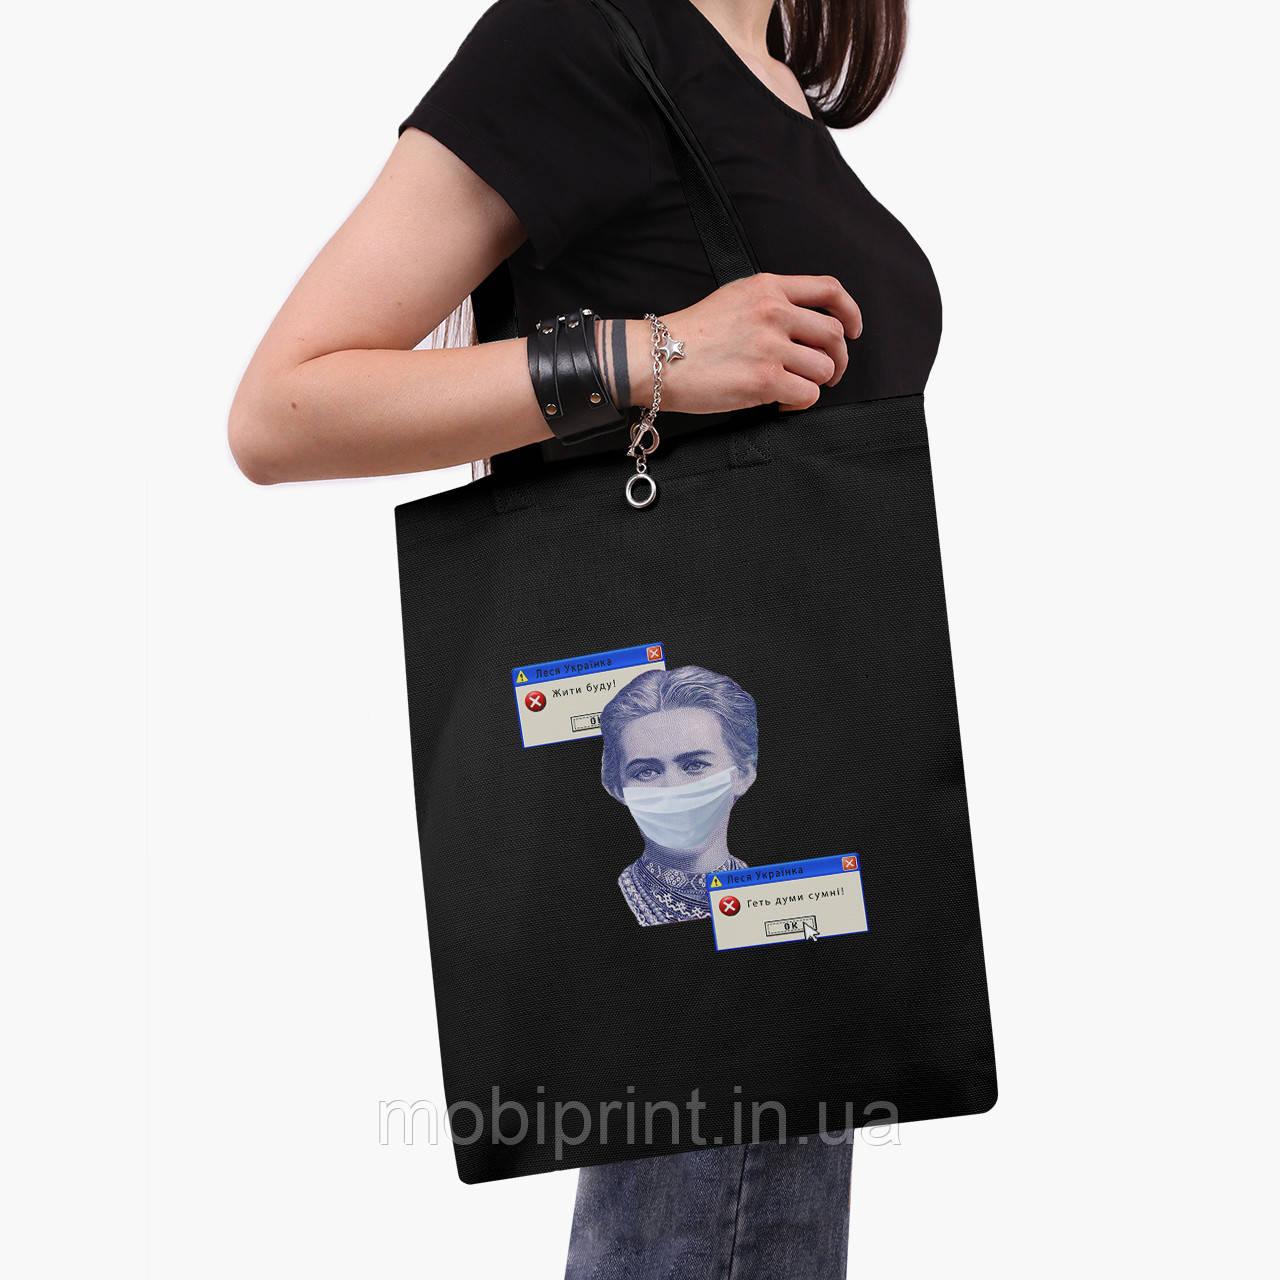 Еко сумка шоппер чорна Леся Українка (Lesya Ukrainka) (9227-1428-2) экосумка шопер 41*35 см